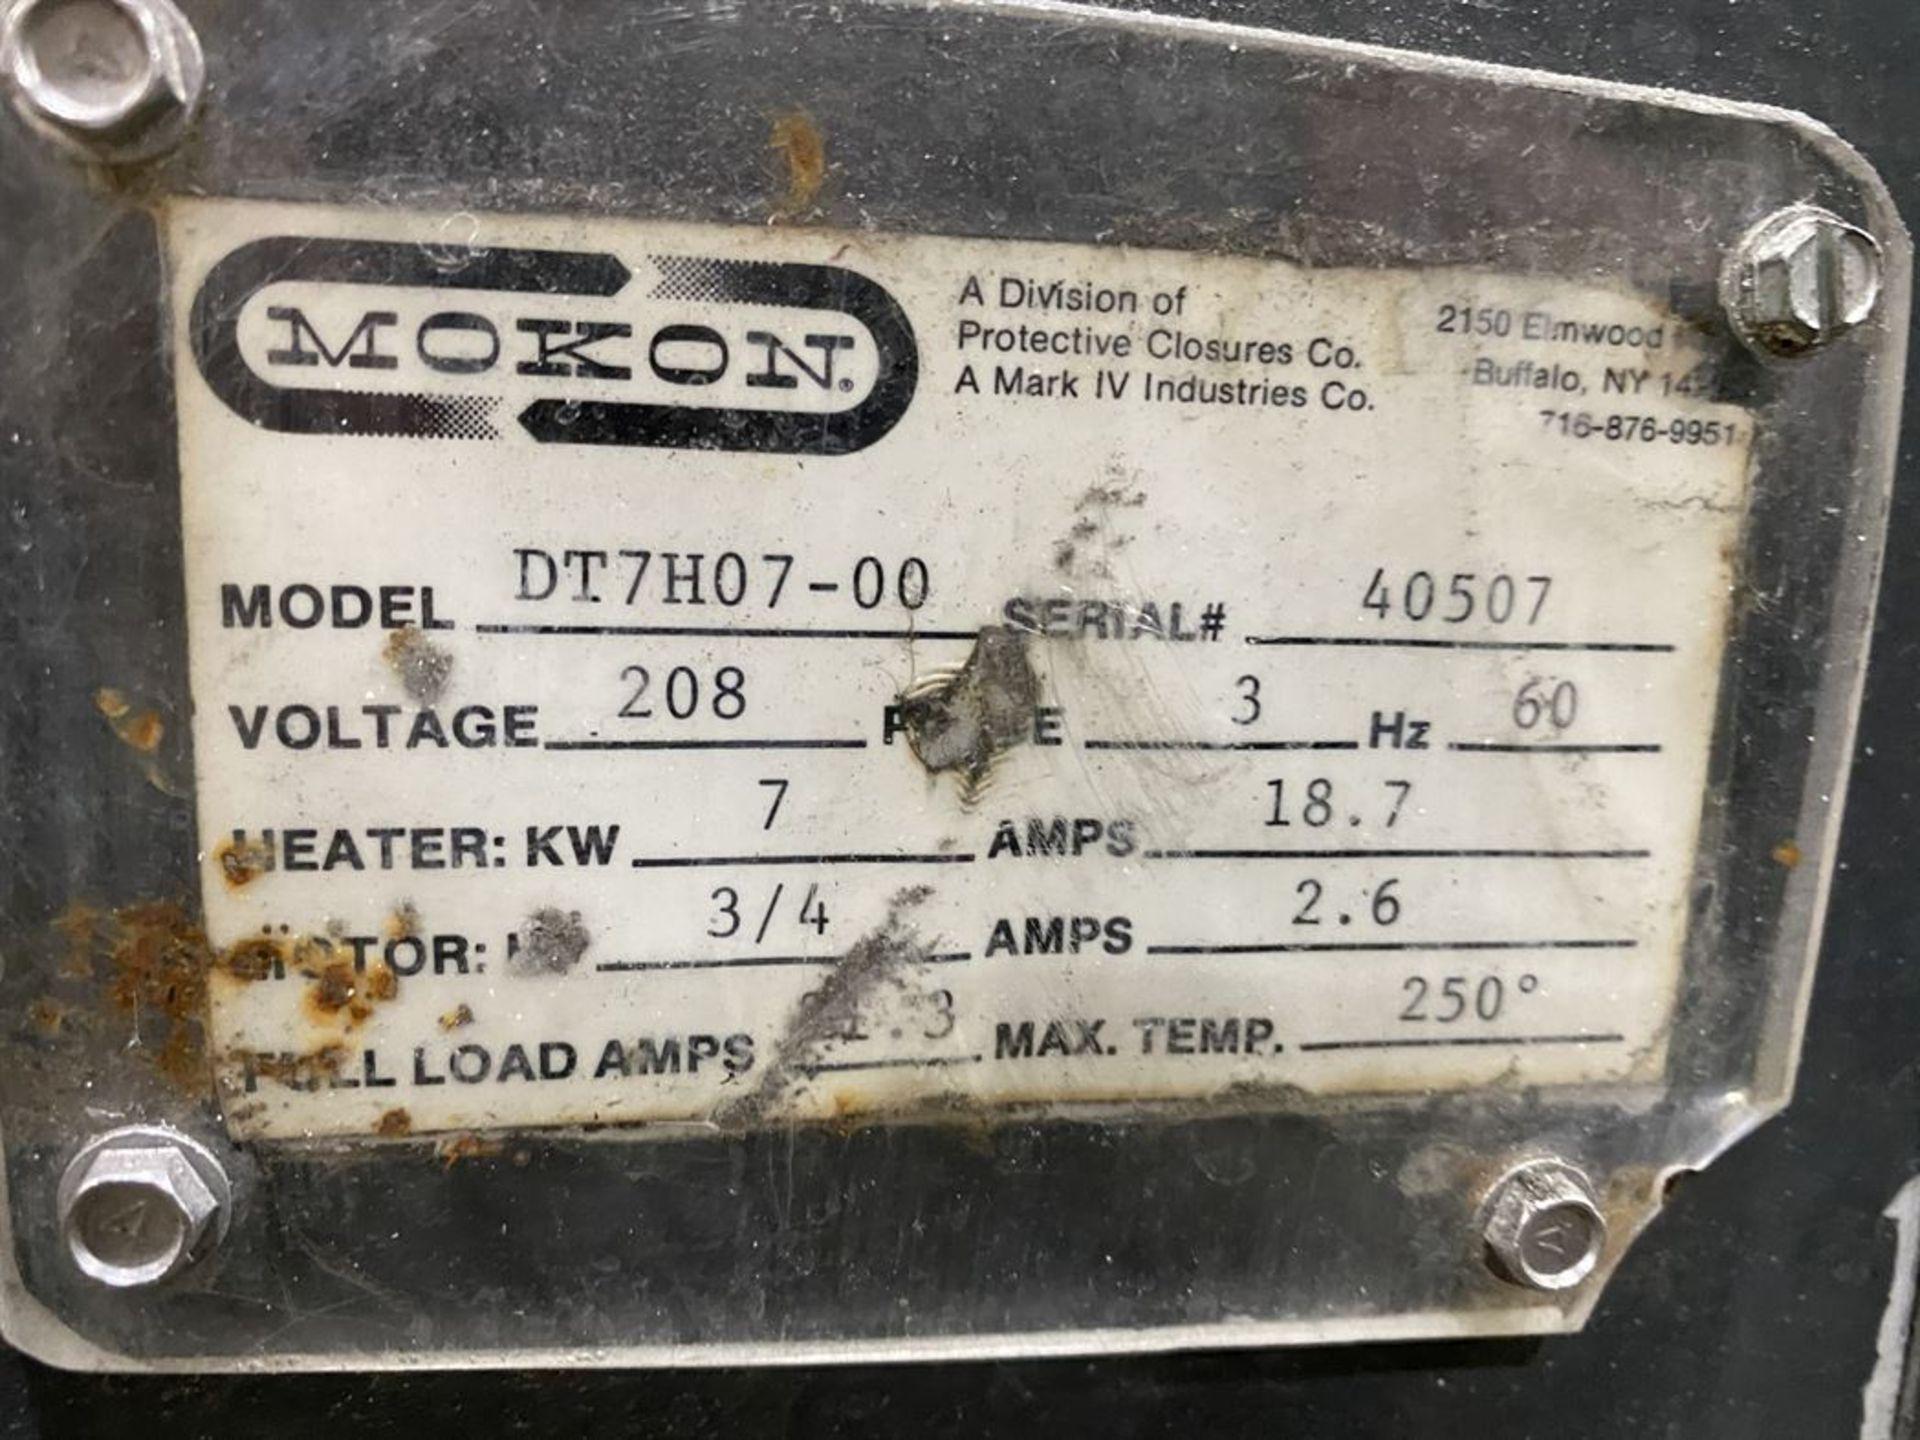 Lot 244 - Mokon DT7H07-00 Temperature Control, s/n 40507